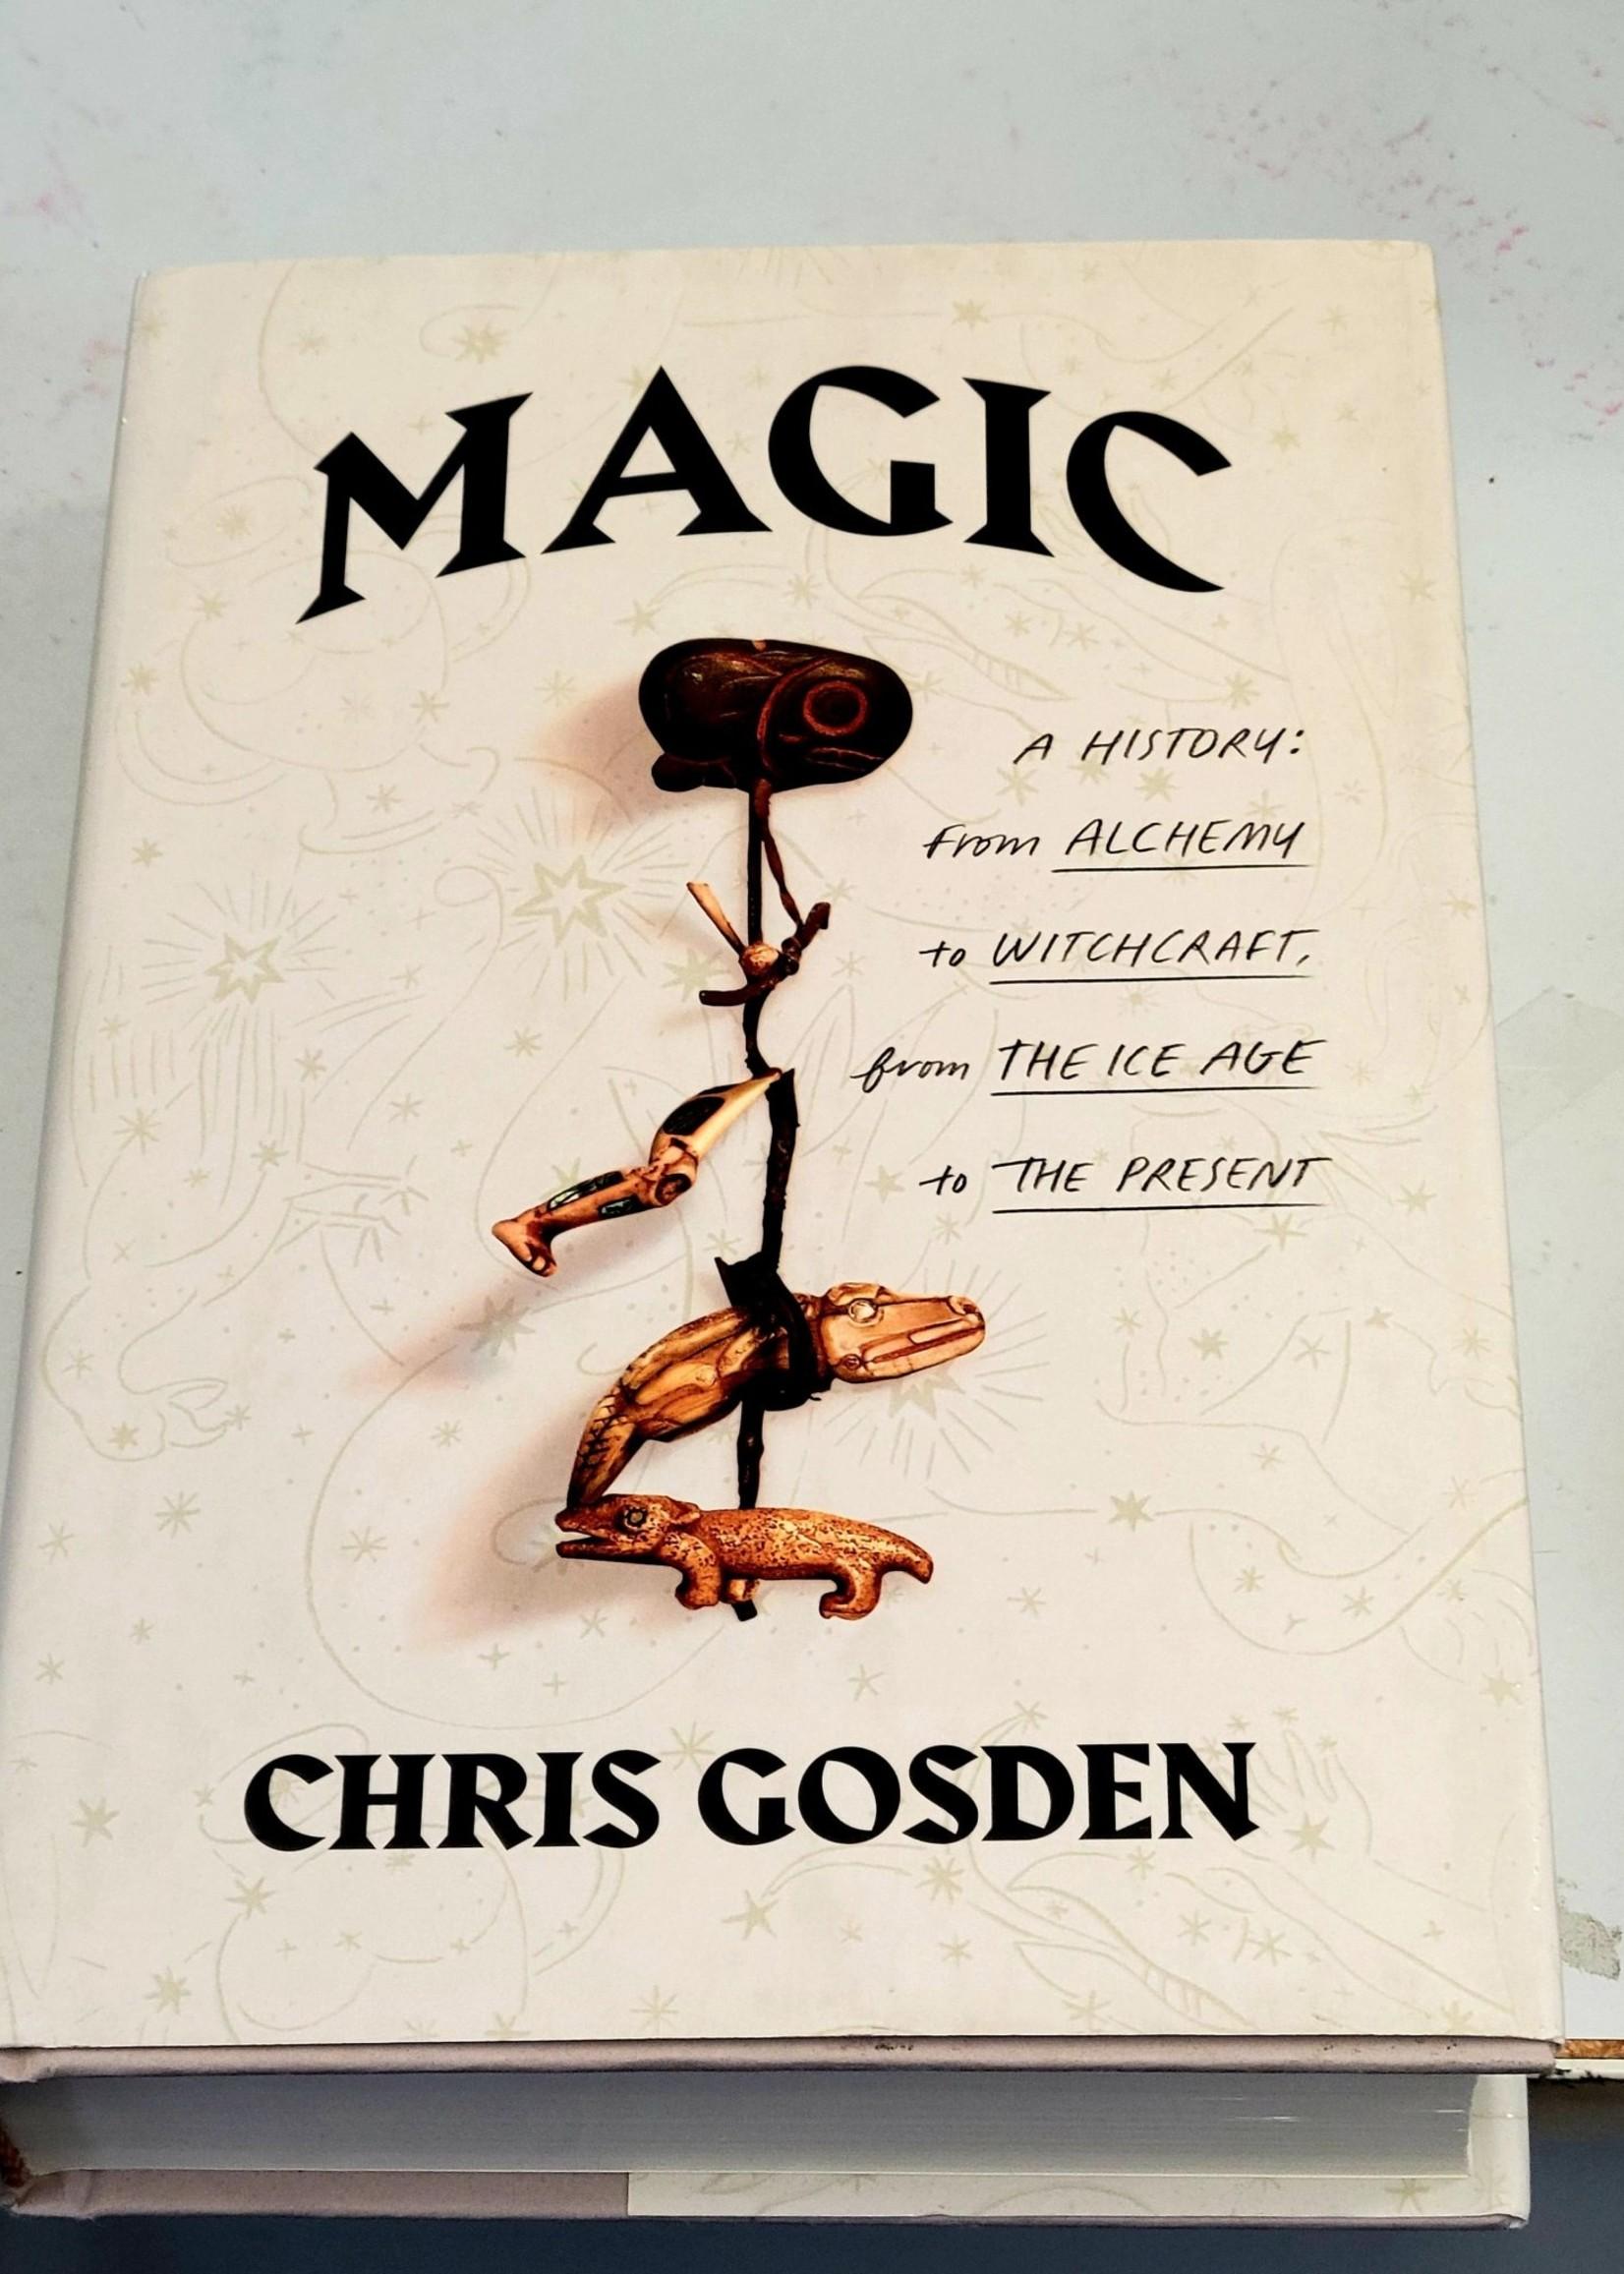 Magic - A History - Chris Gosden